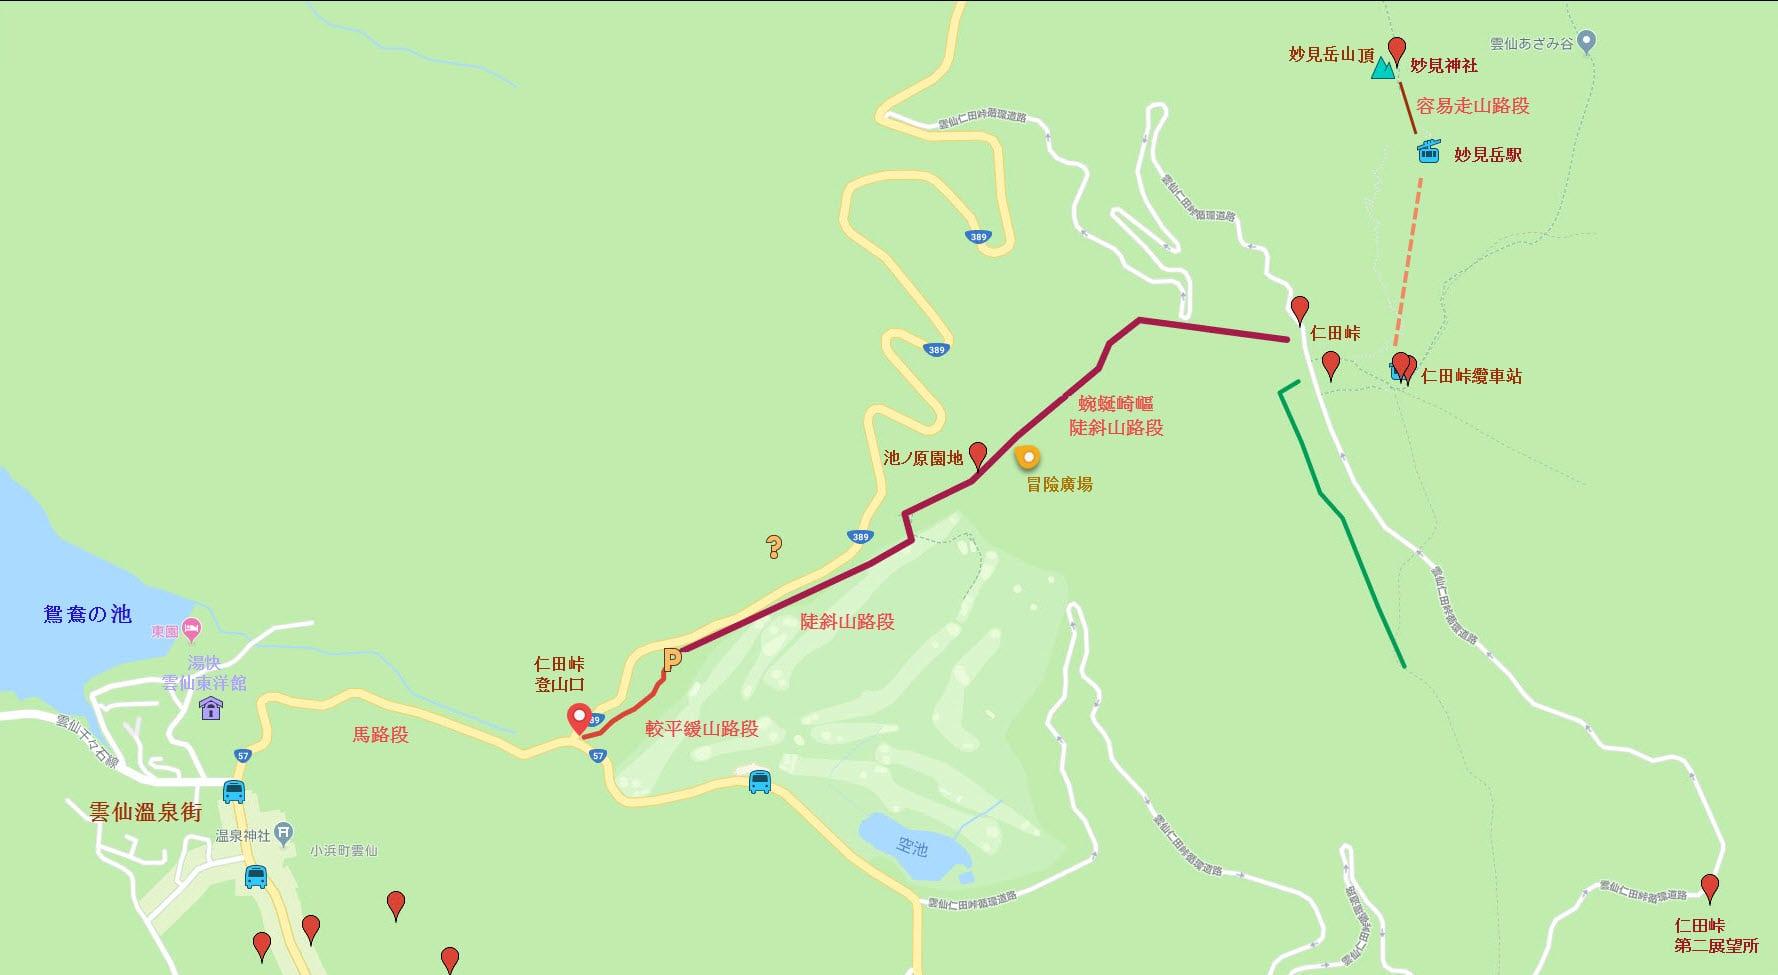 雲仙溫泉街至仁田峠 步行路線圖